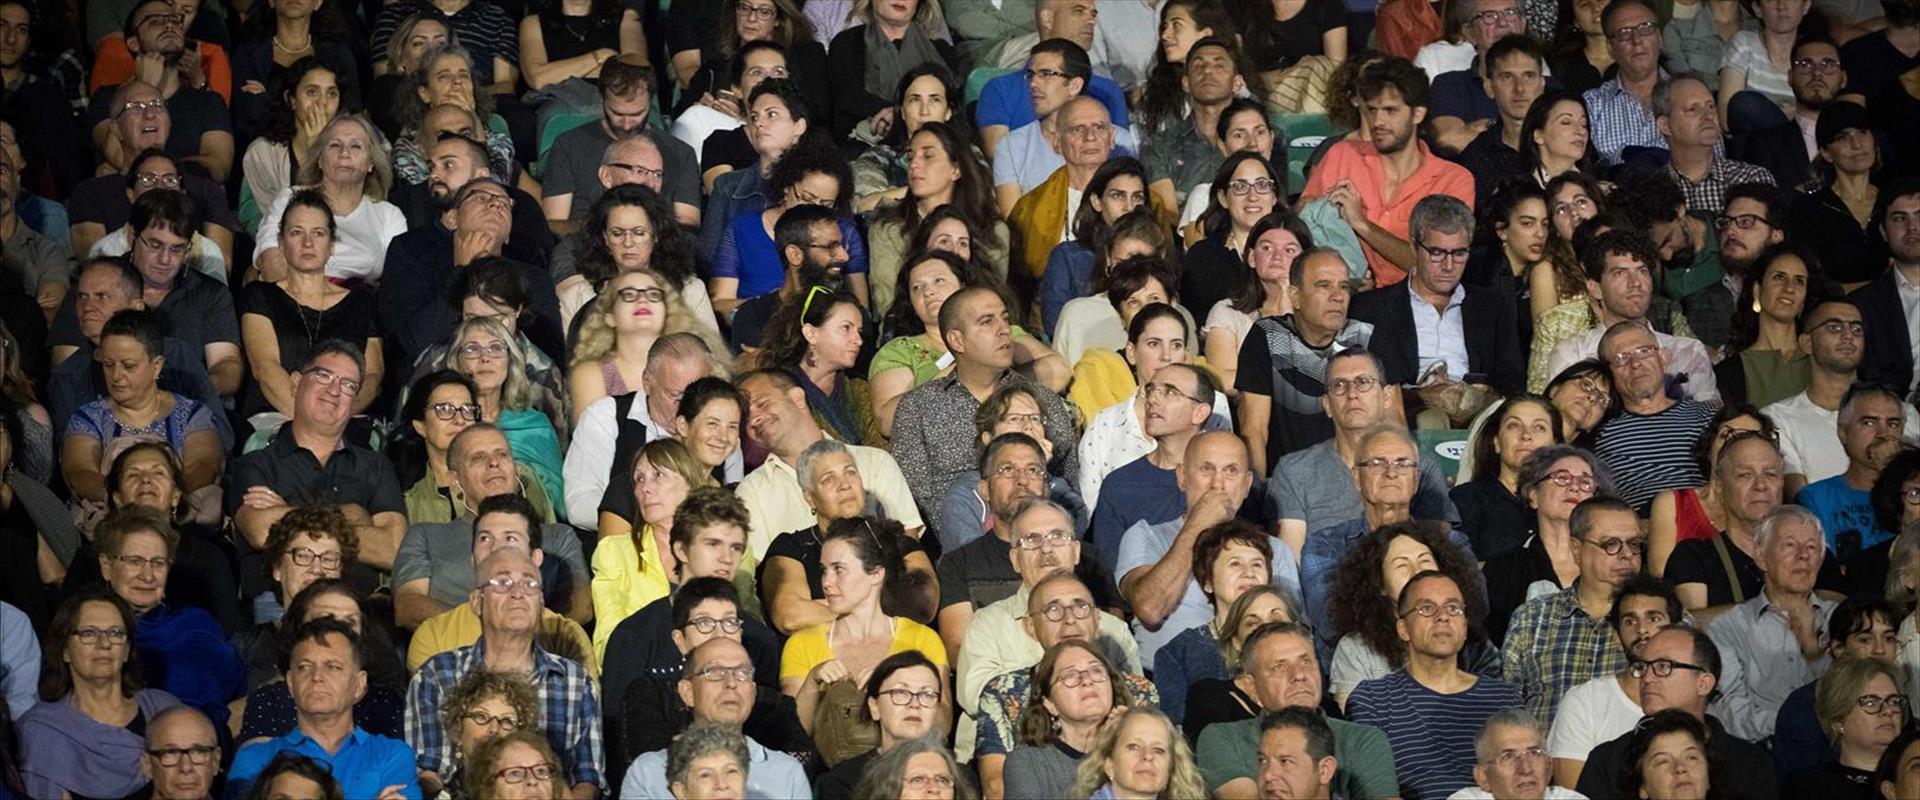 קהל בפסטיבל קולנוע, ארכיון